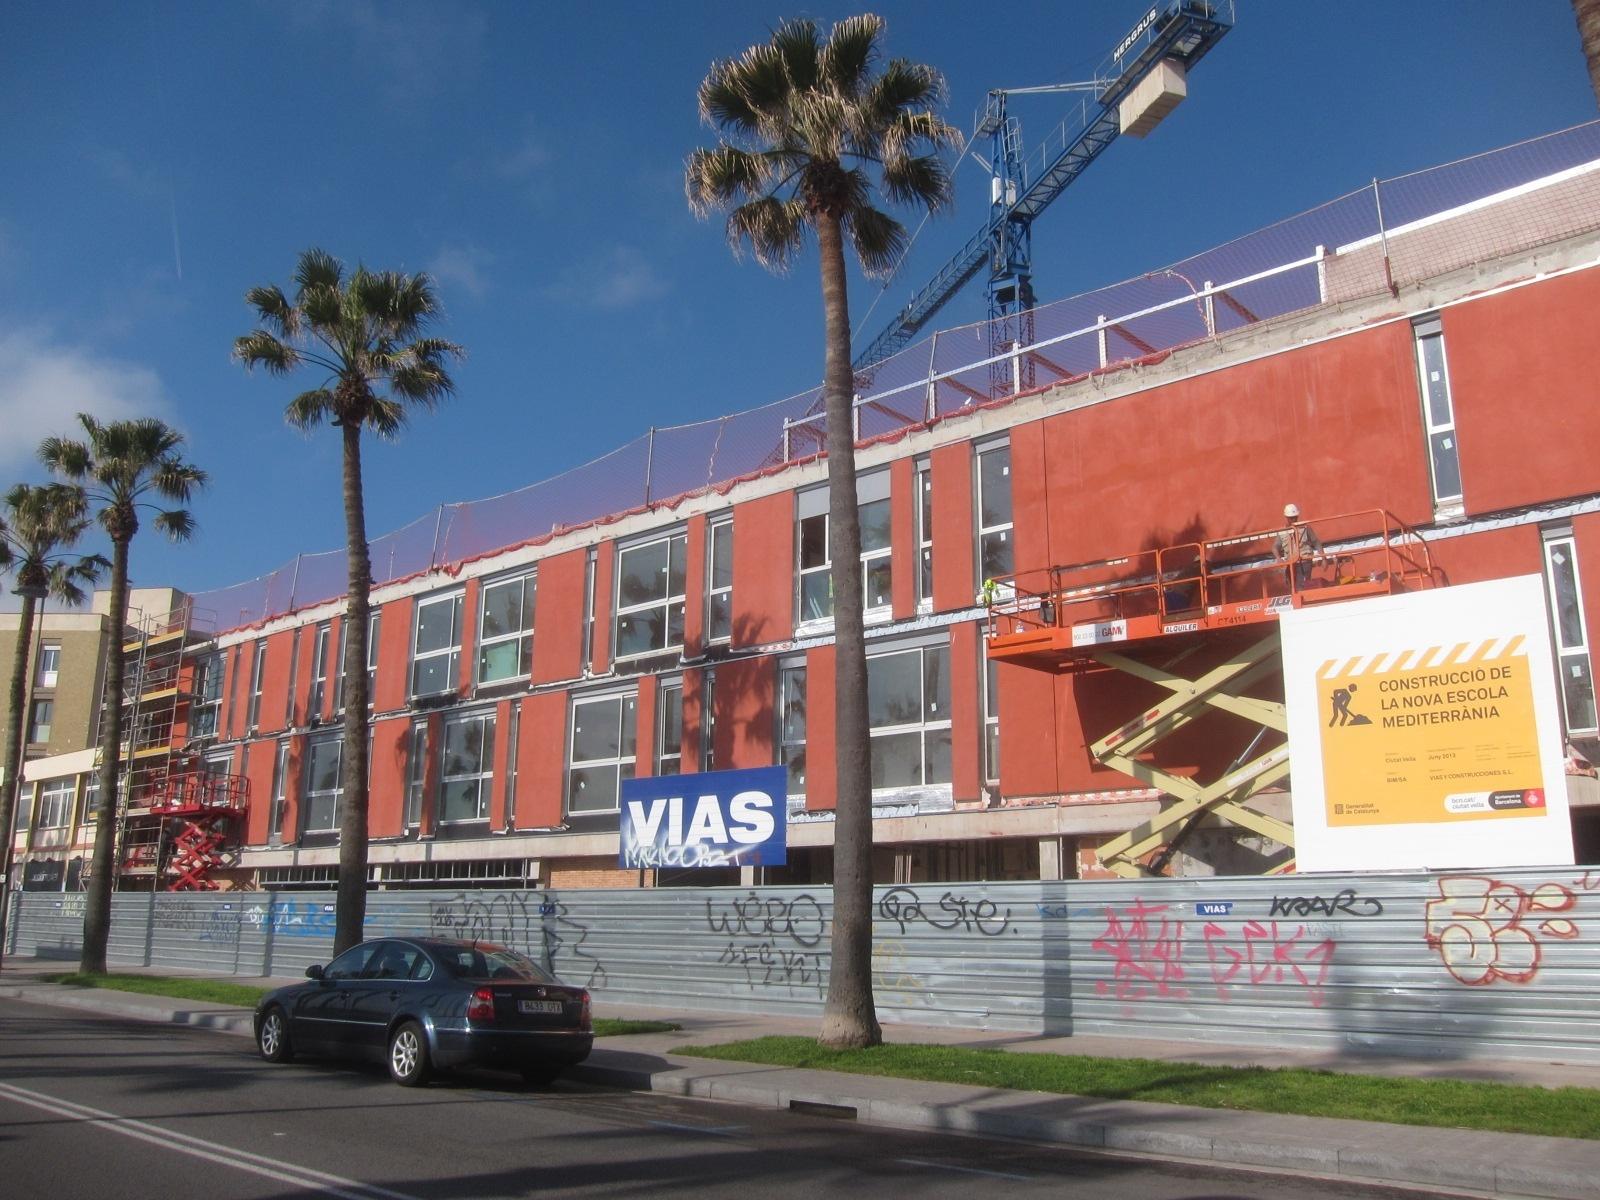 Barcelona aprueba pedir a la Generalitat el dinero para construir las escuelas pendientes